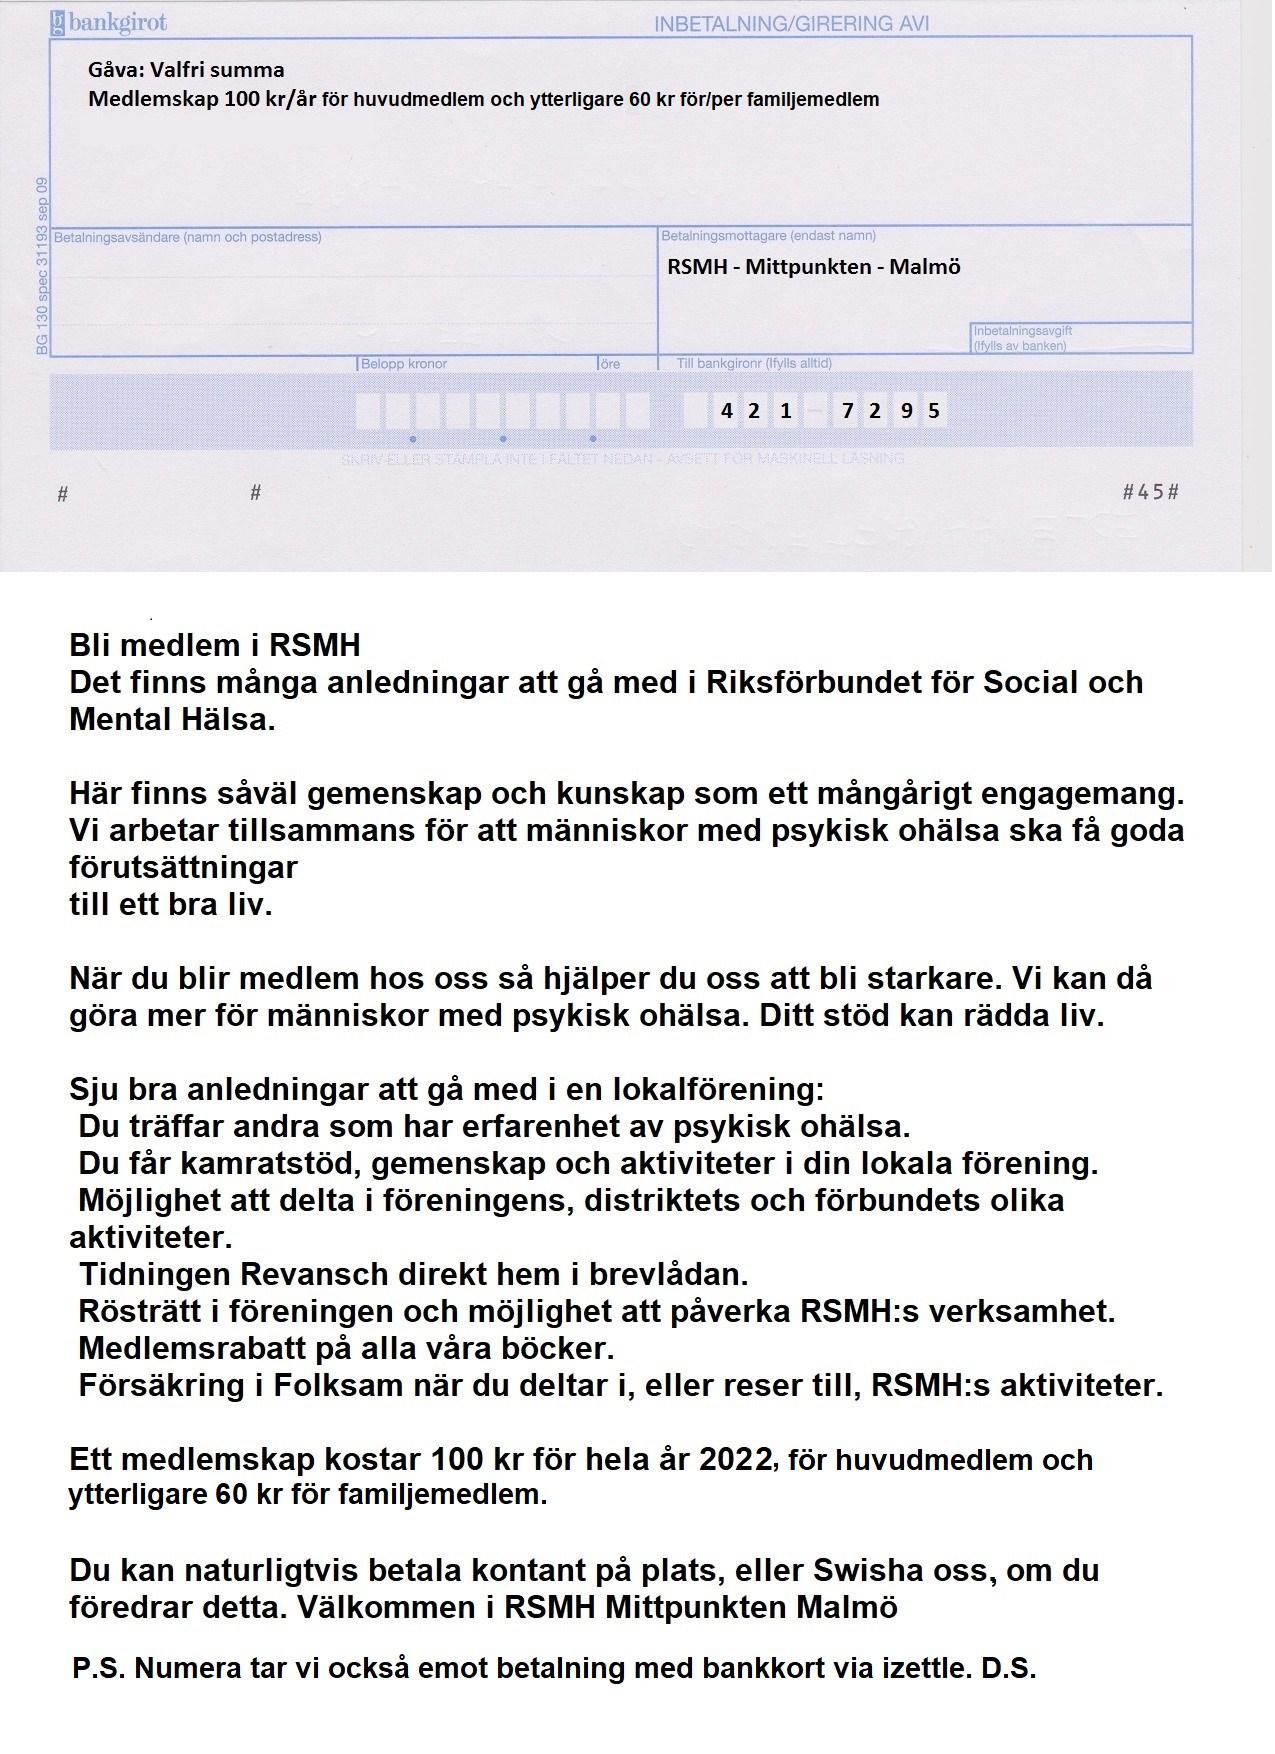 Medlemskap i RSMH Mittpunkten Malmö resterande av 2021 + hela 2022 = 100 kronor bg inbetalningskort.png